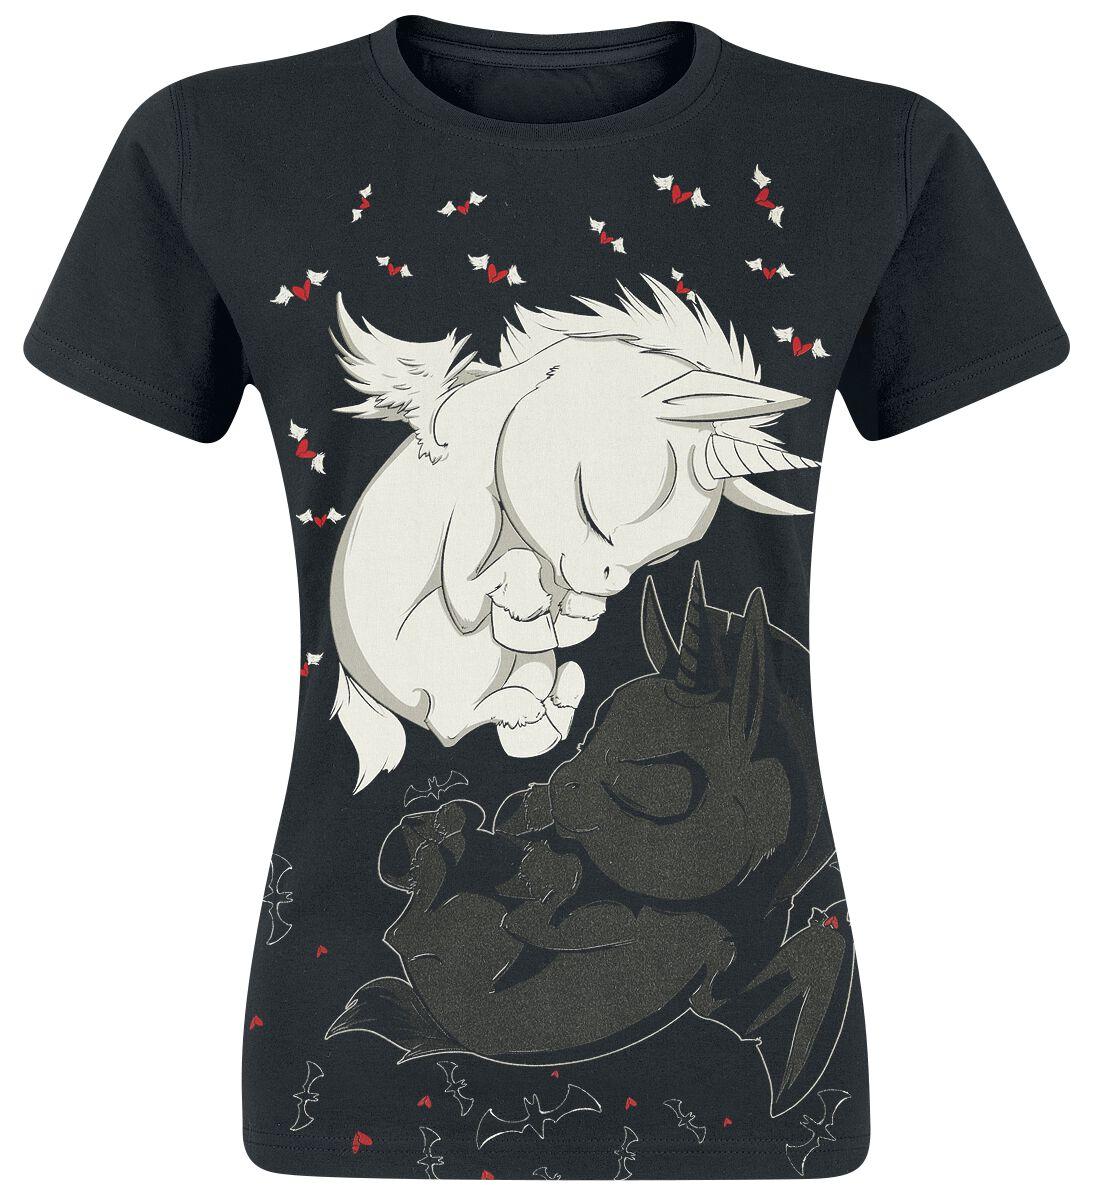 Einhorn Träumende Einhörner T-Shirt schwarz Unicorn Dream T